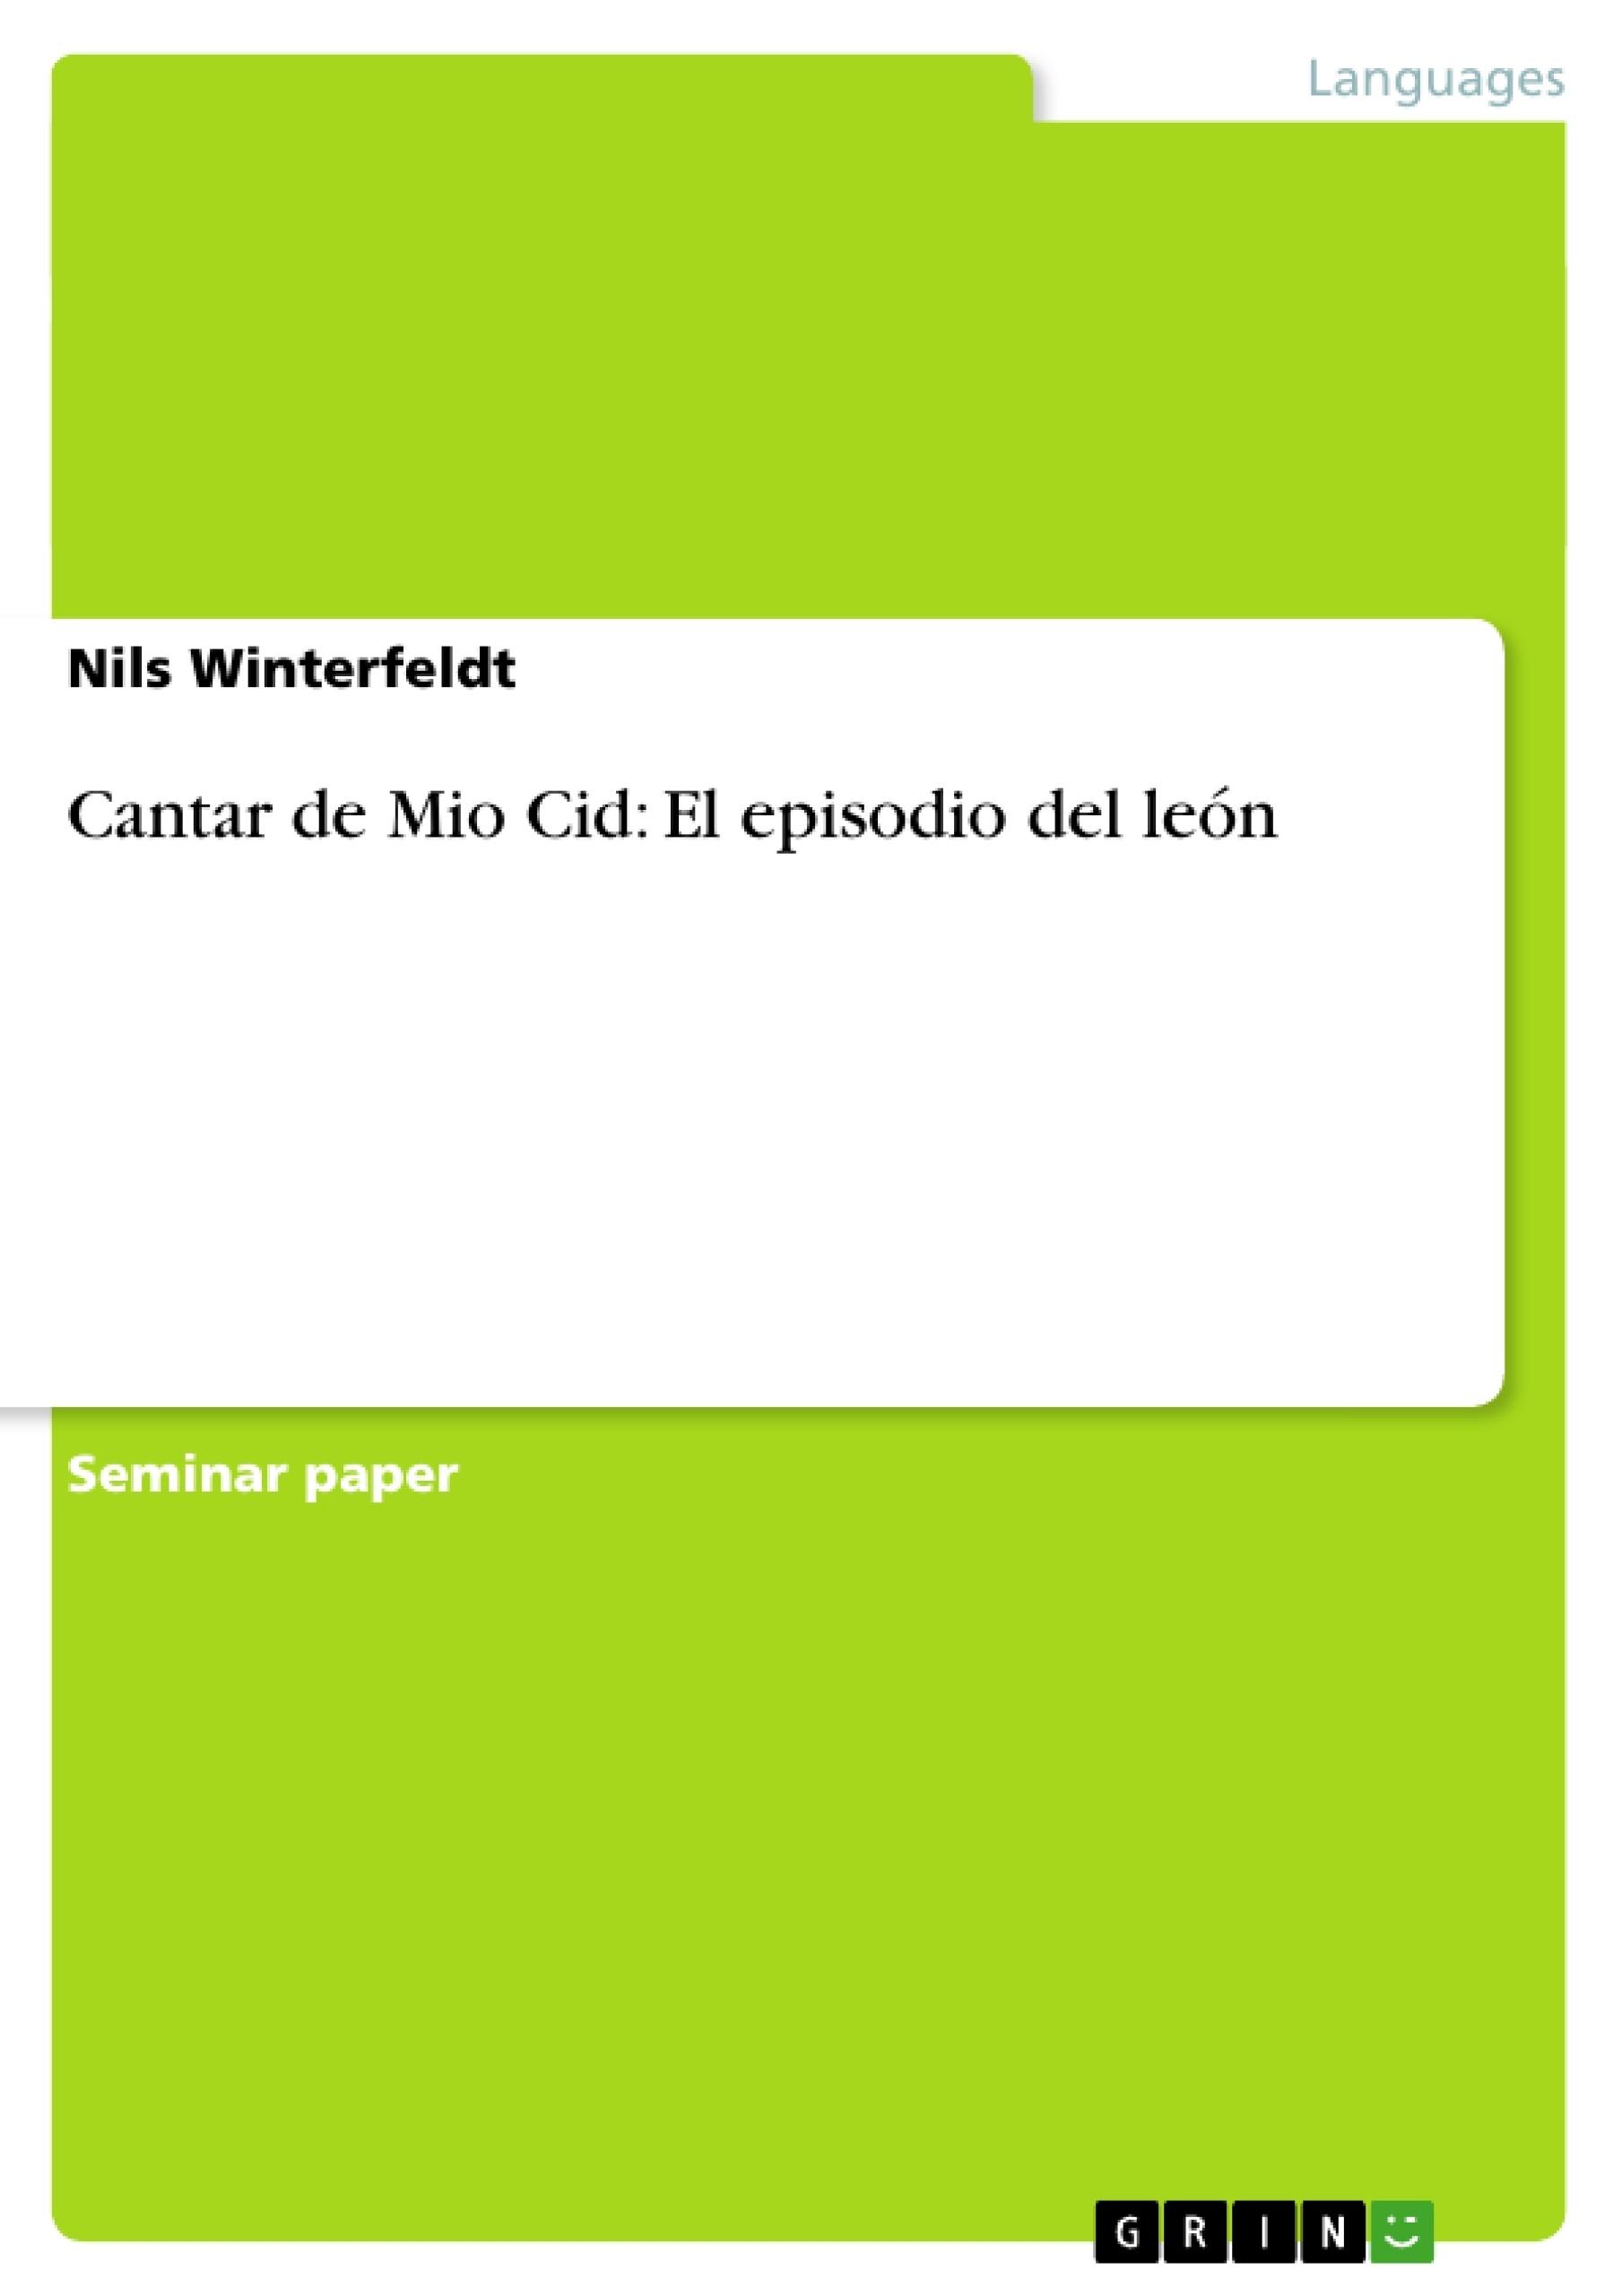 Título: Cantar de Mio Cid: El episodio del león